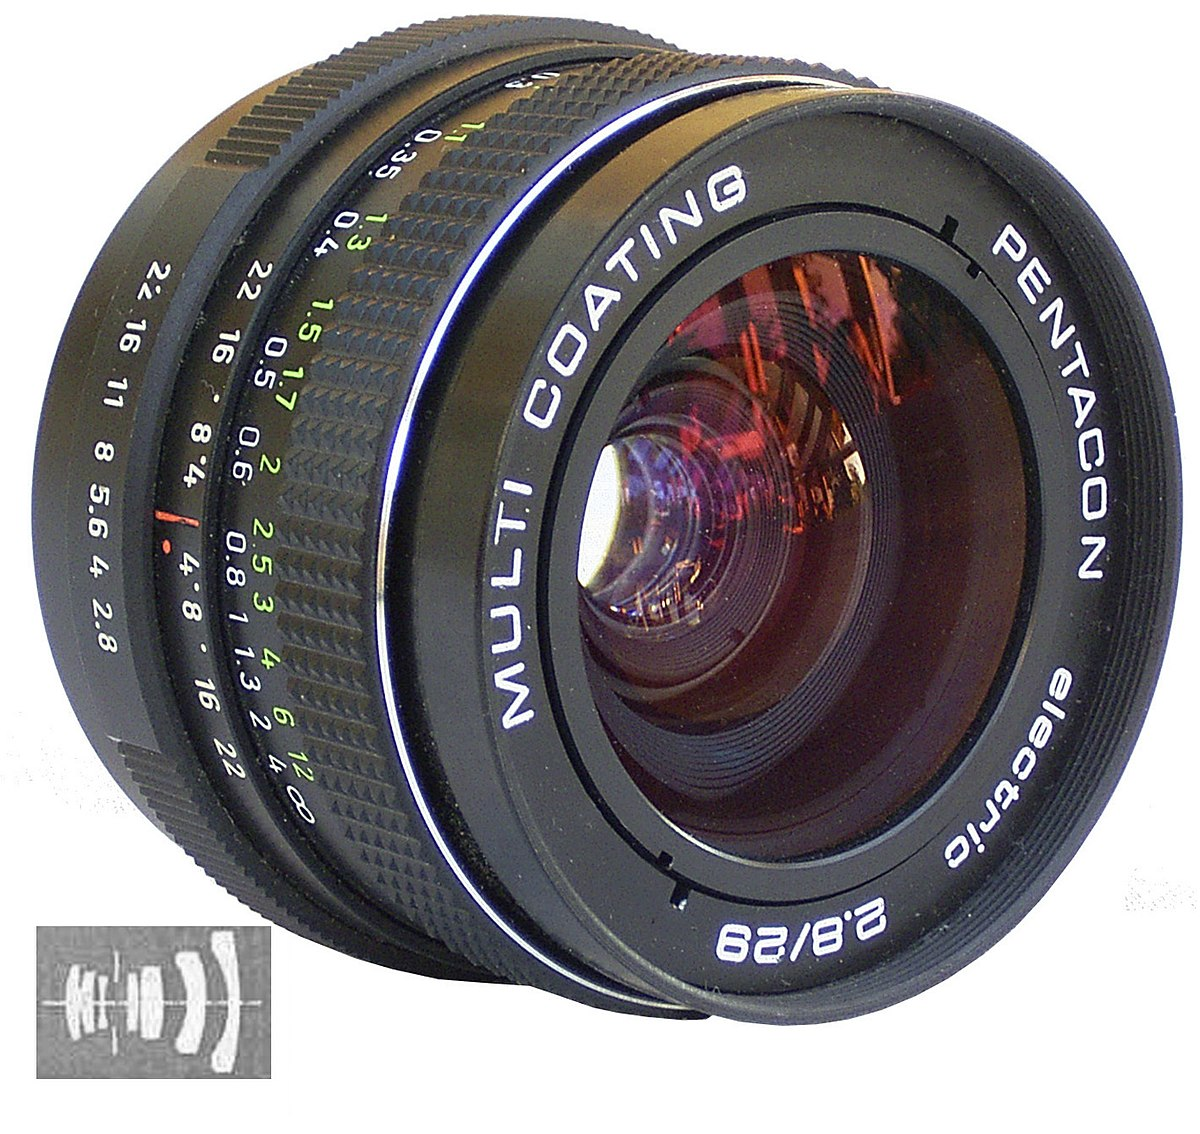 Prime lens - Wikipedia